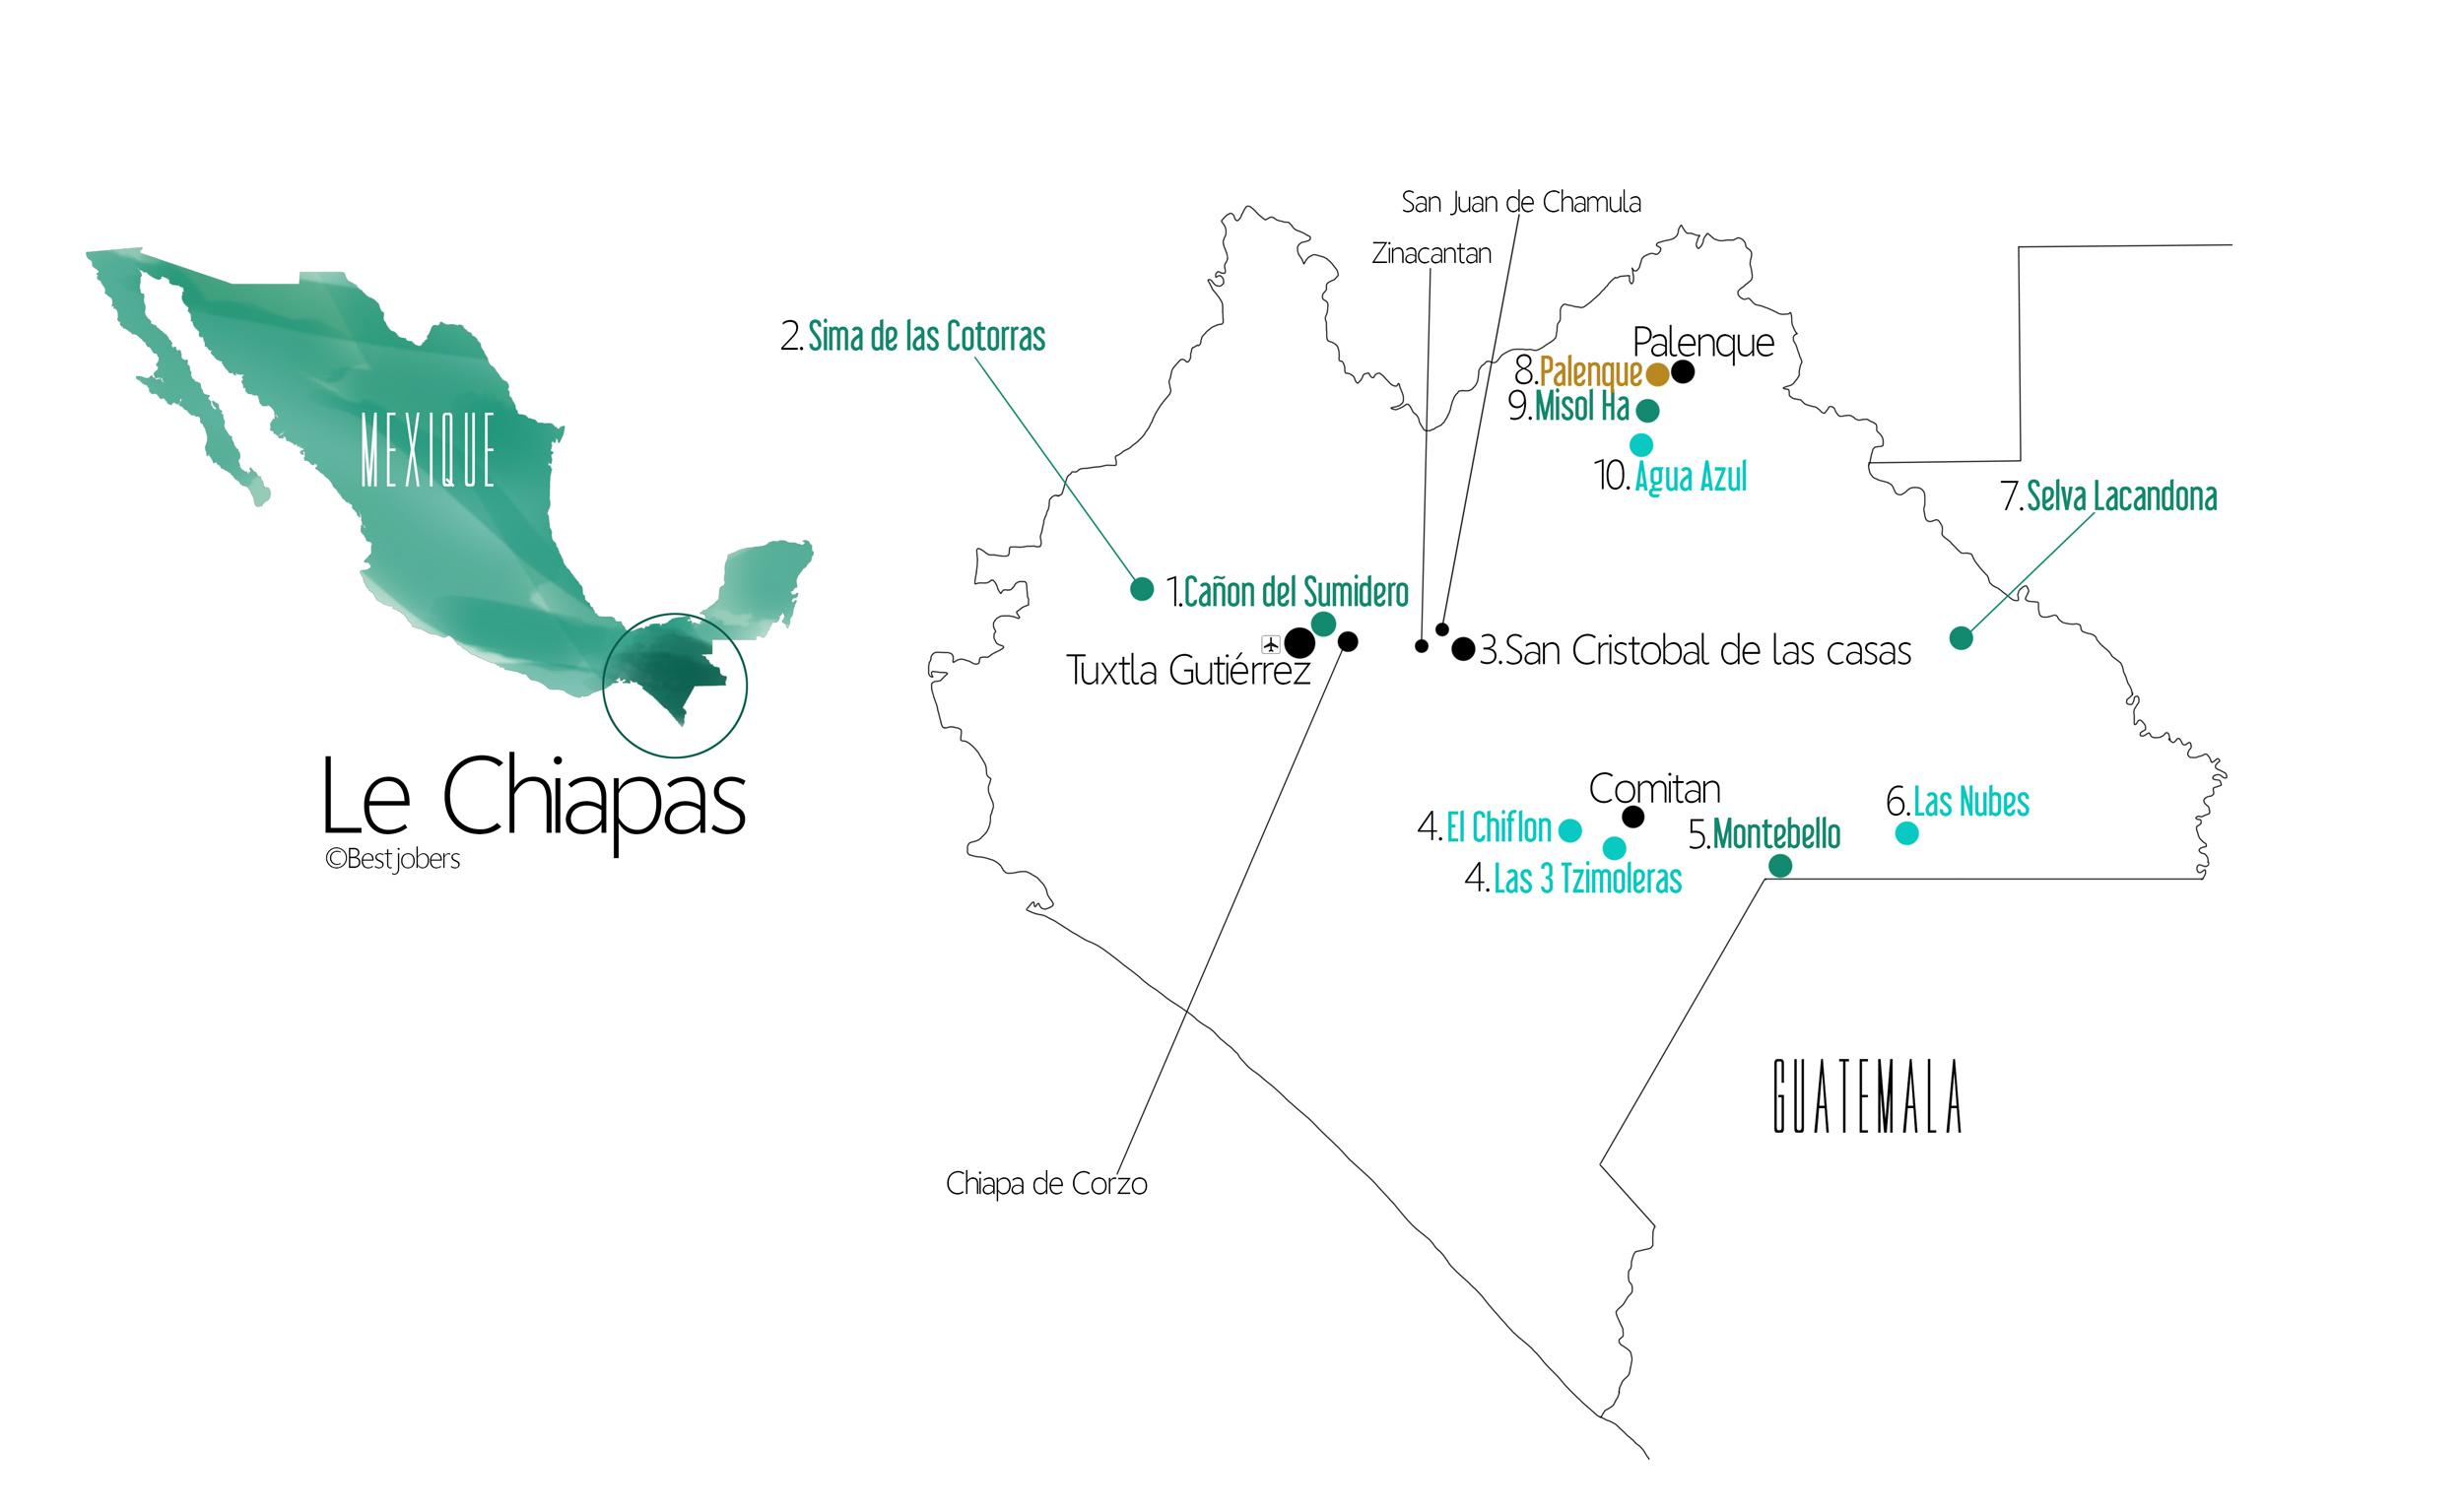 Carte et Itinéraire 8 jours au Chiapas, Mexique